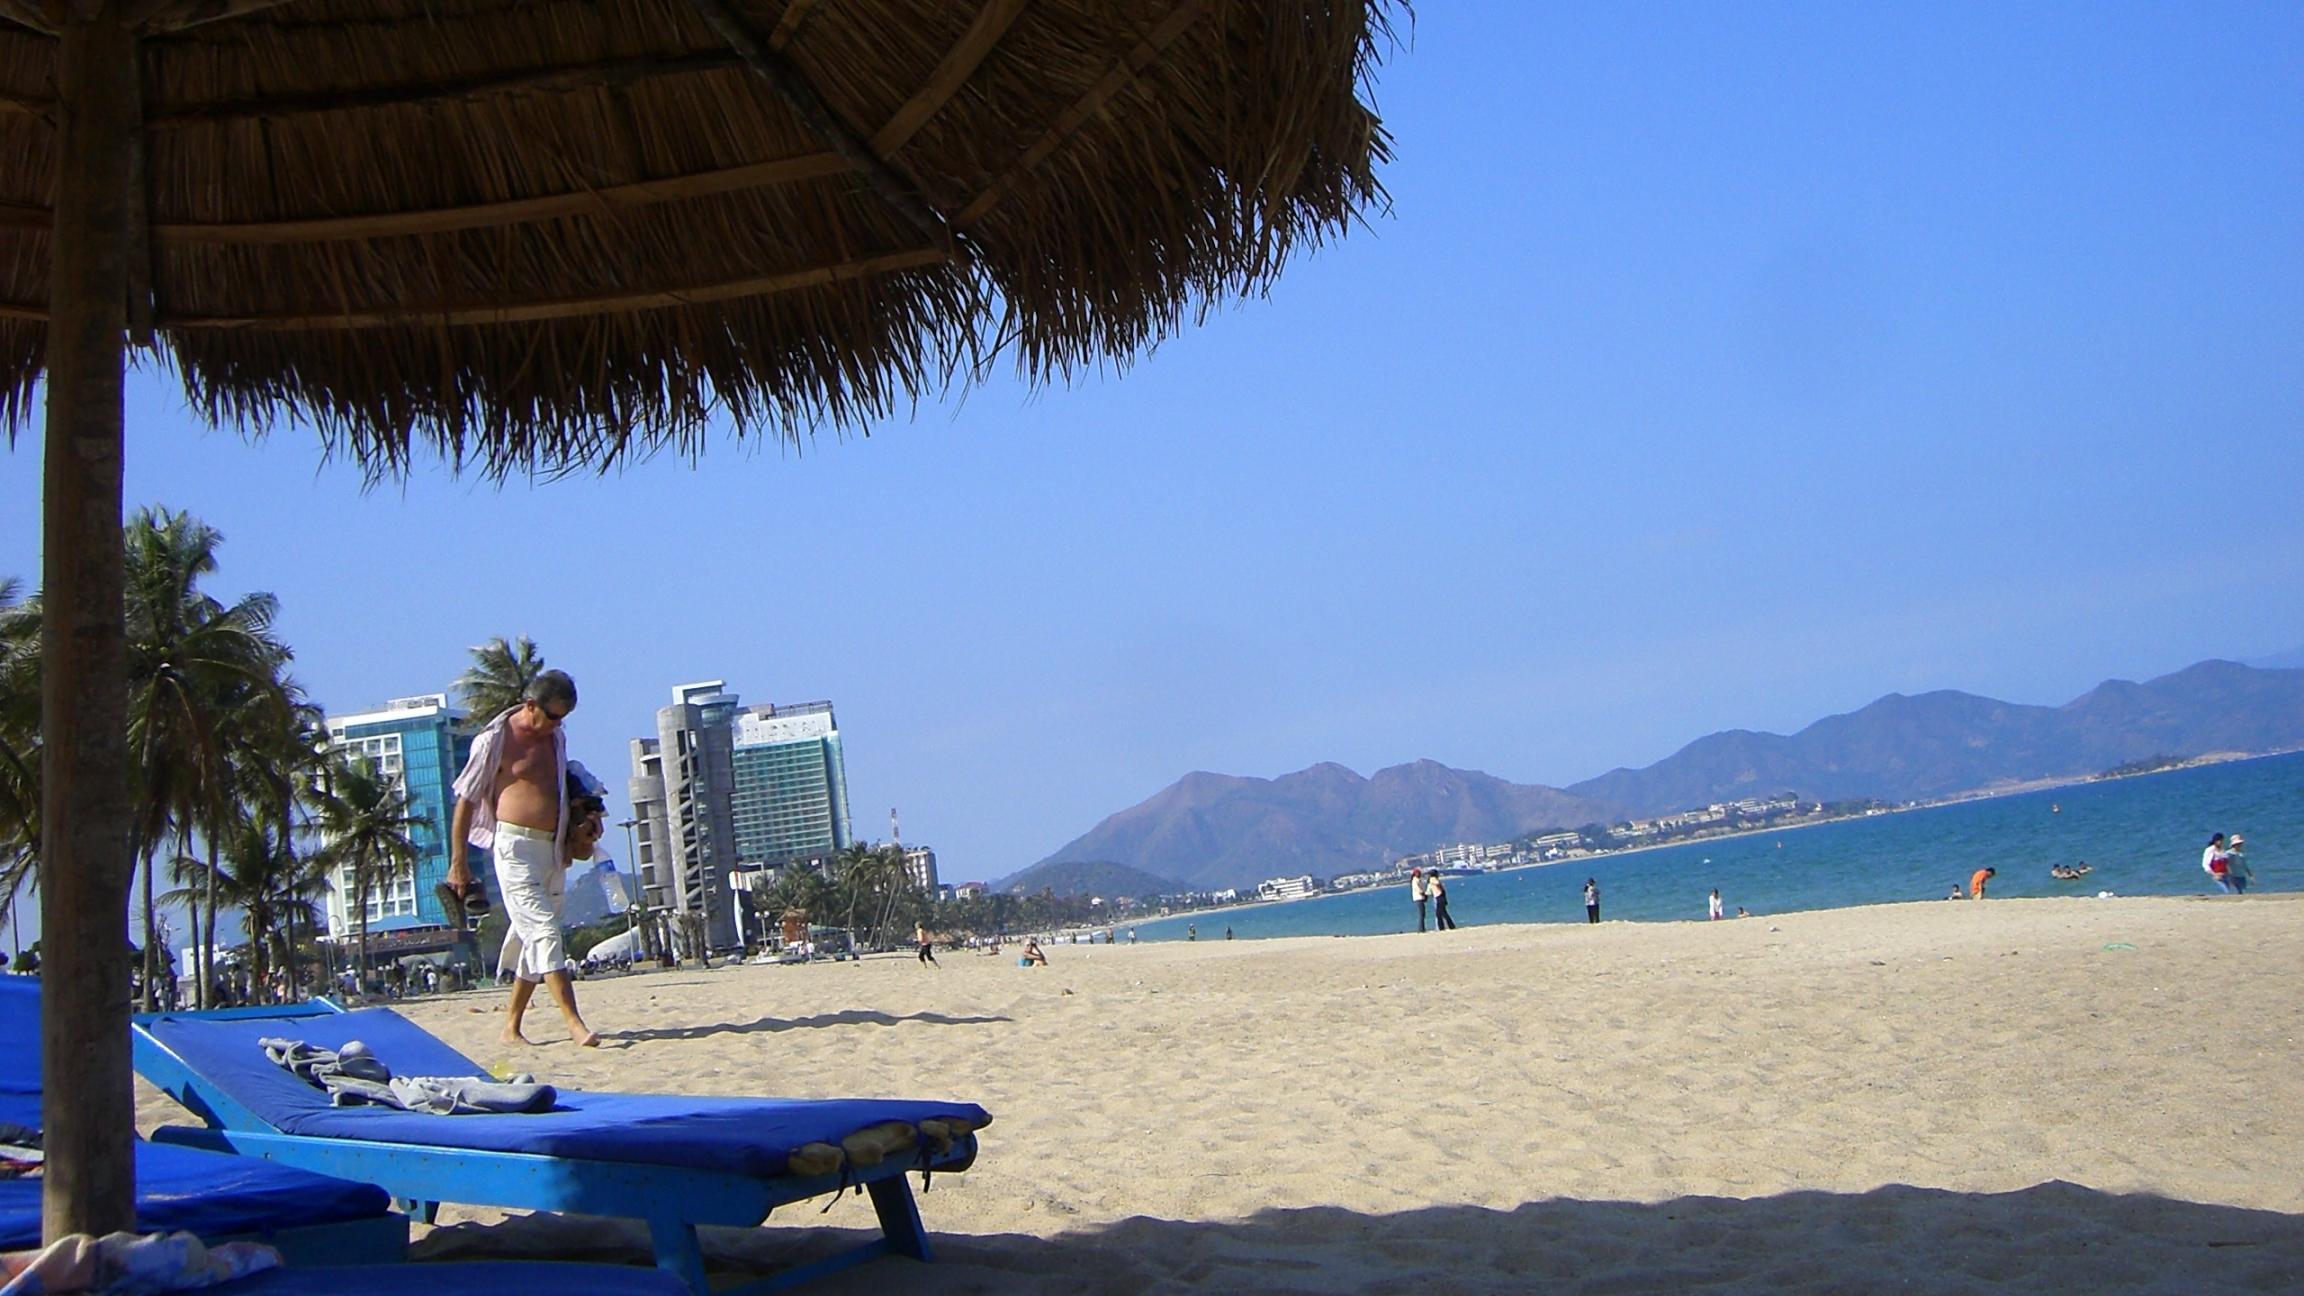 ベトナム2日目:ニャチャンのビーチリゾートで夢のような一日!